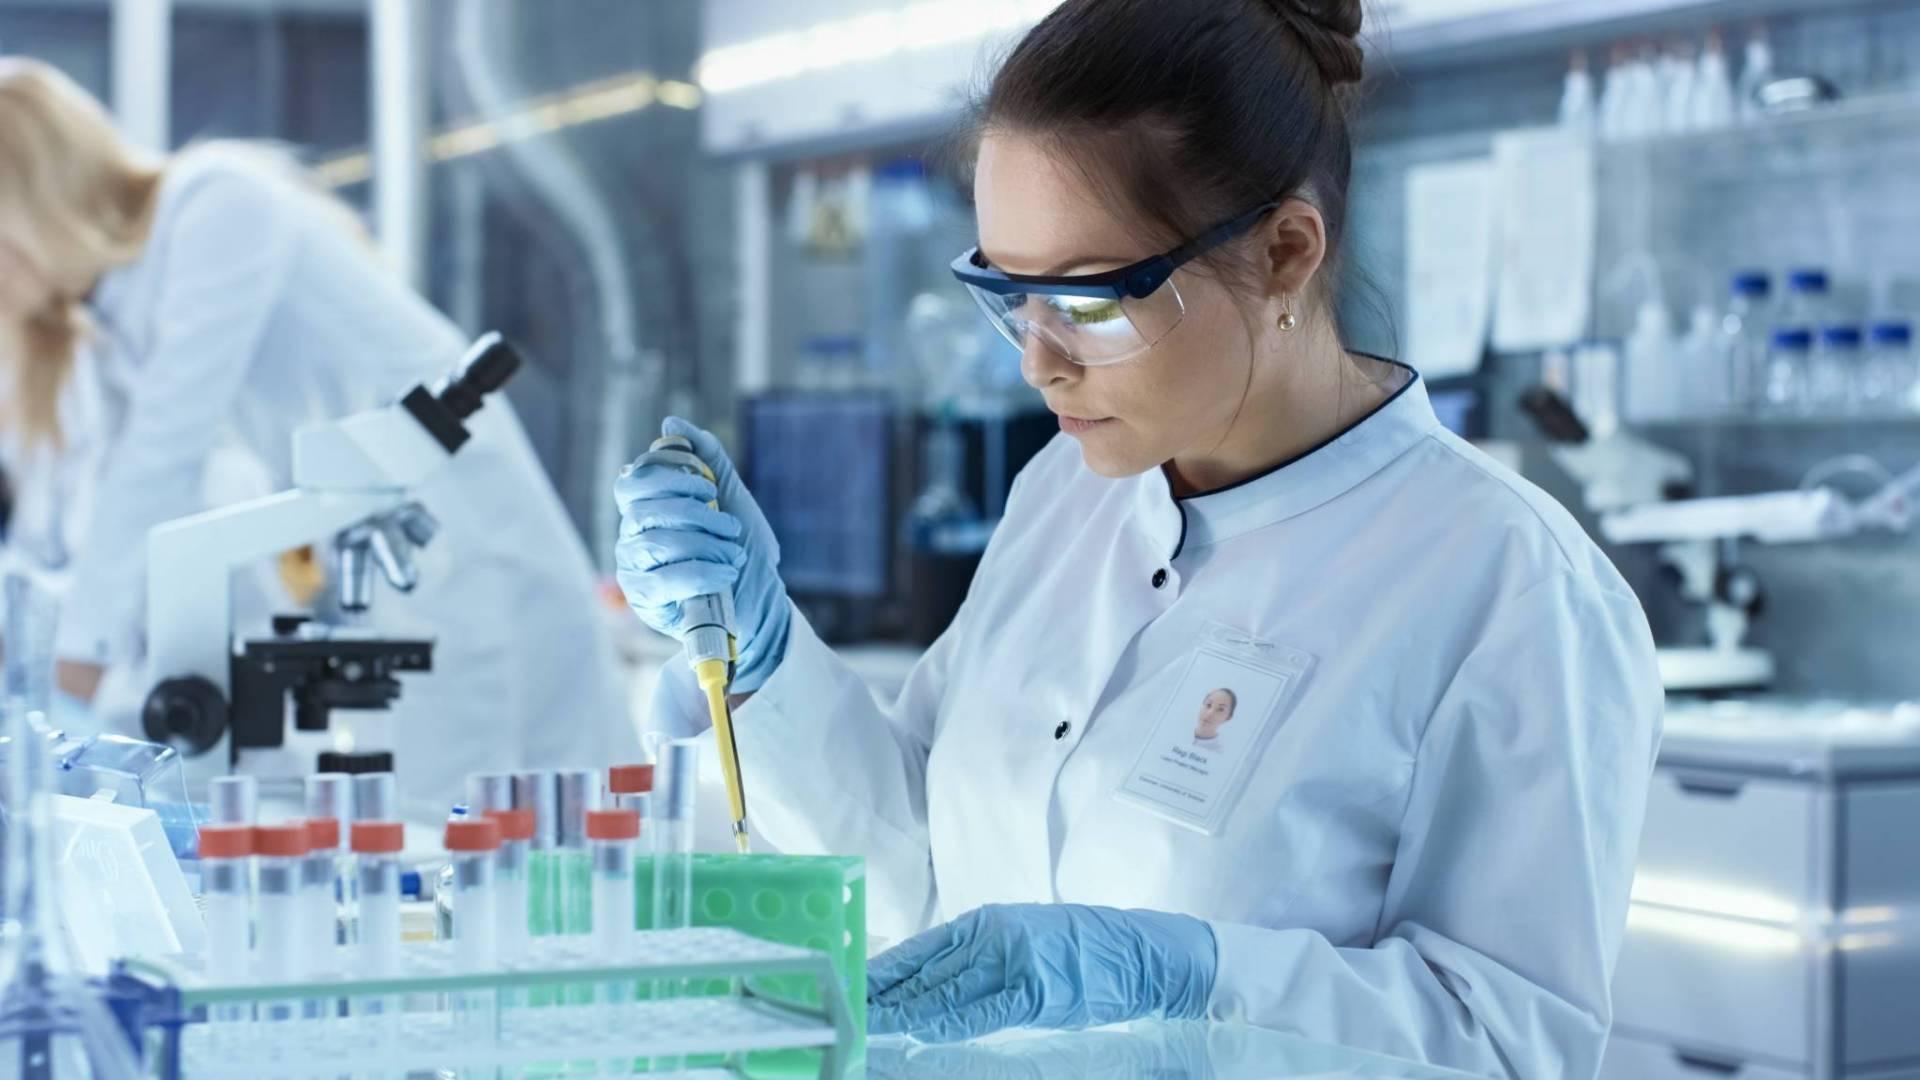 وكالة ايطالية: تطوير أول دواء لمواجهة كورونا